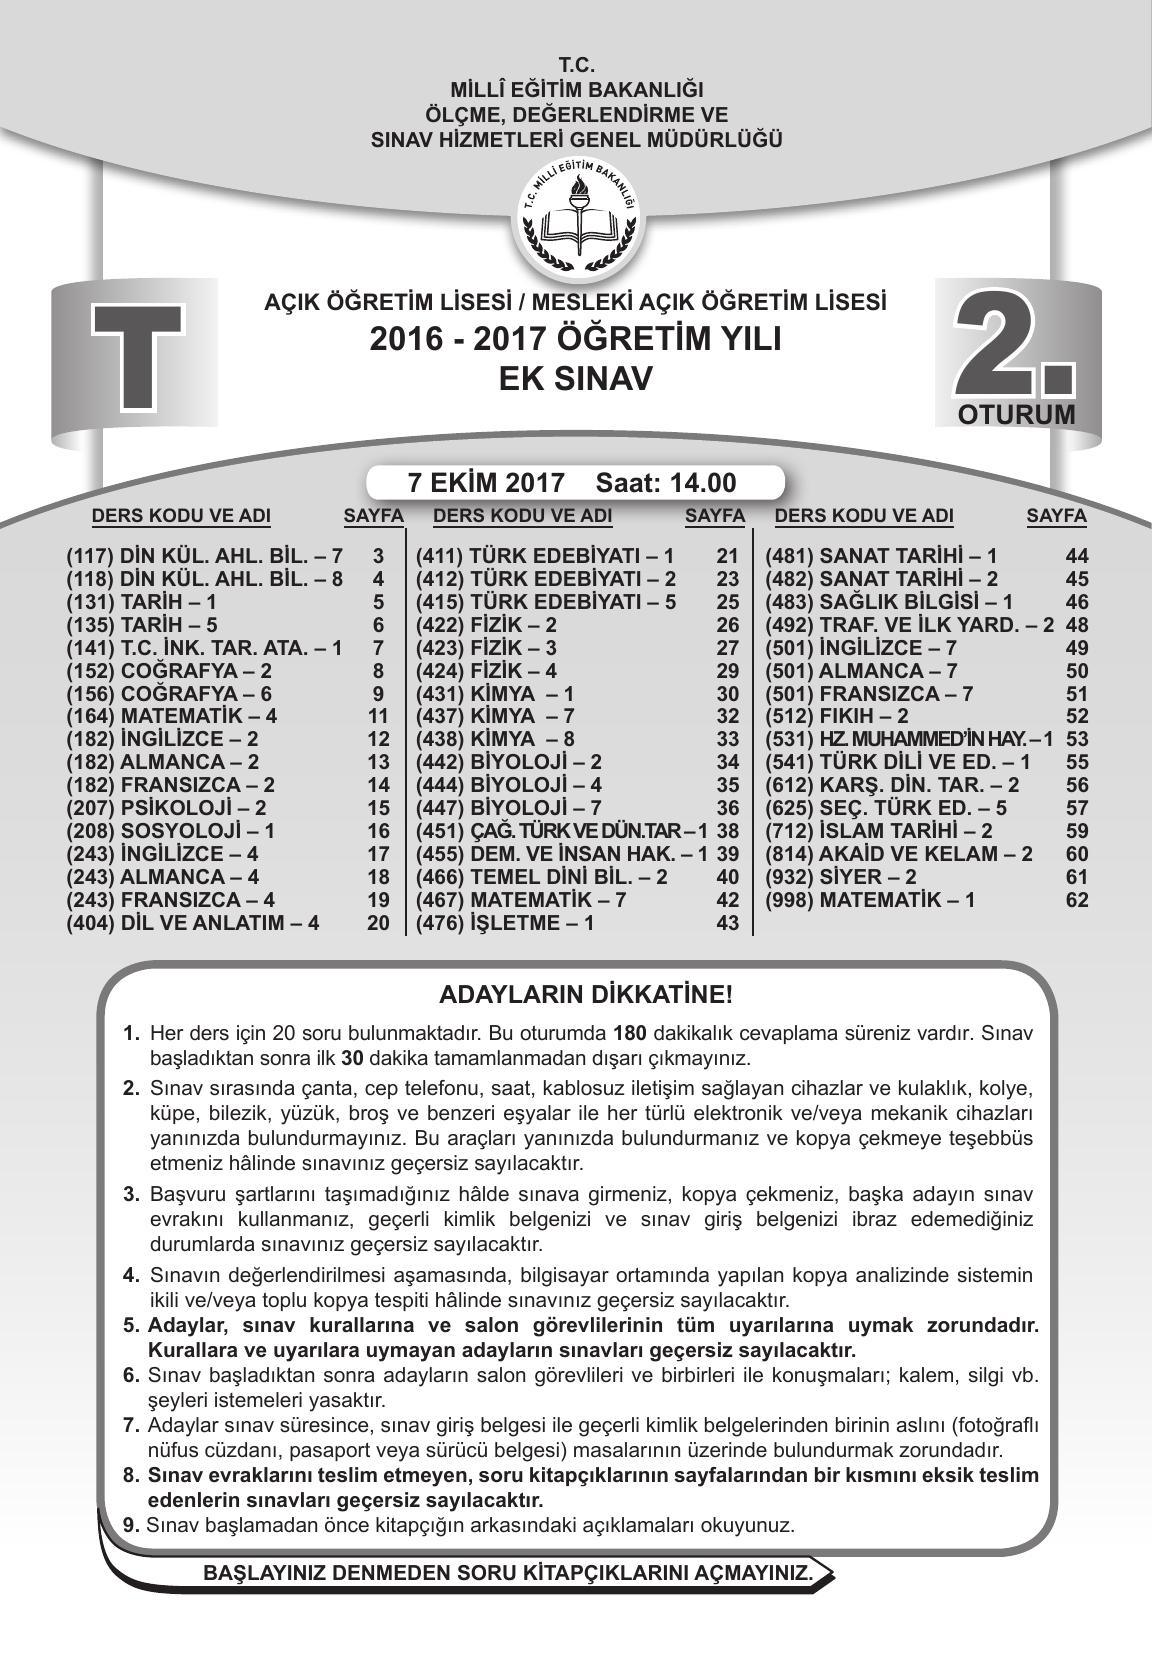 2017 Öğretim Yılı Ek Sınav - Mesleki Açık Öğretim Lisesi concernant Piscine Jean Medecin